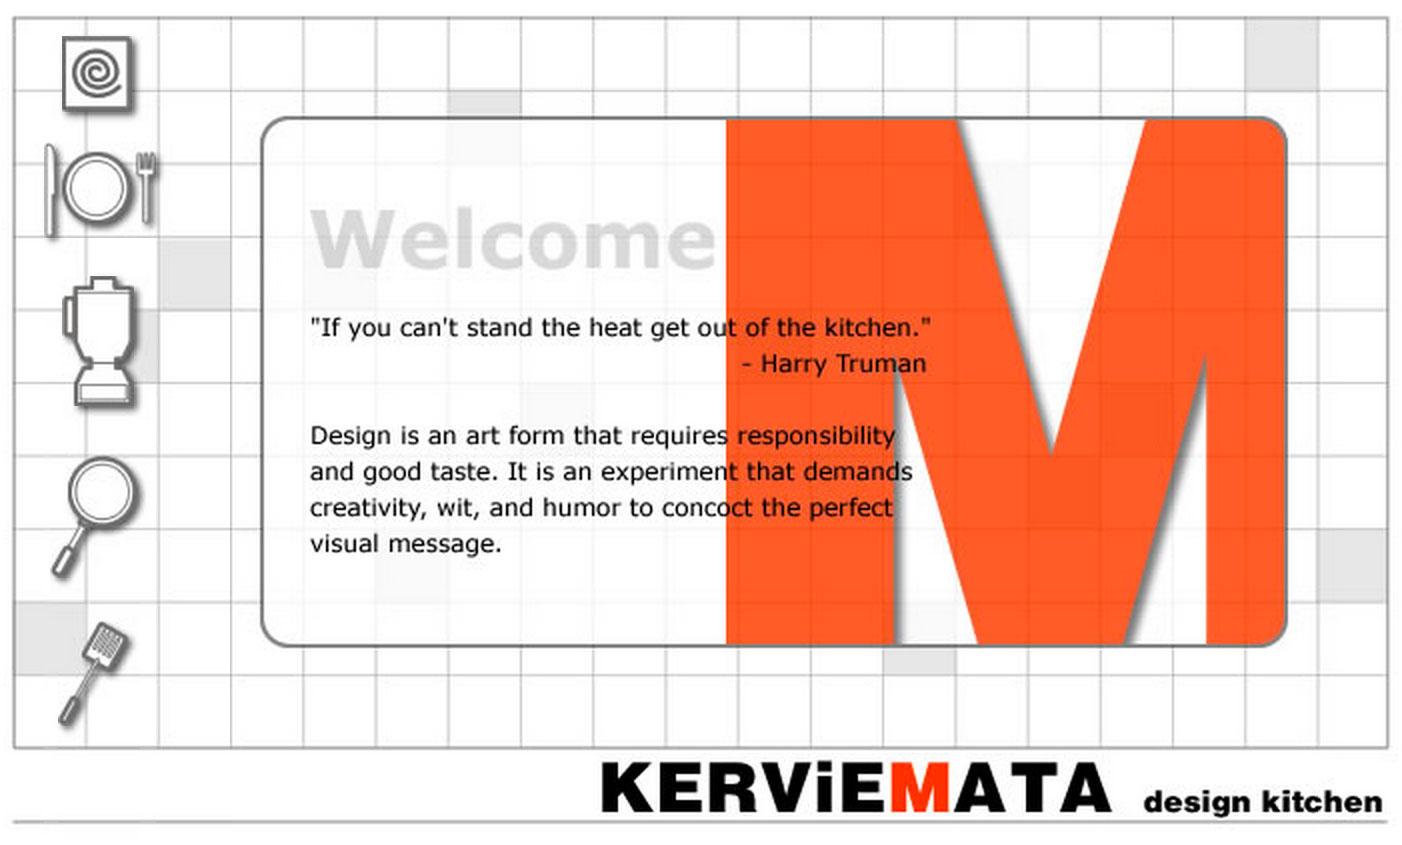 kerviemata_designkitchen